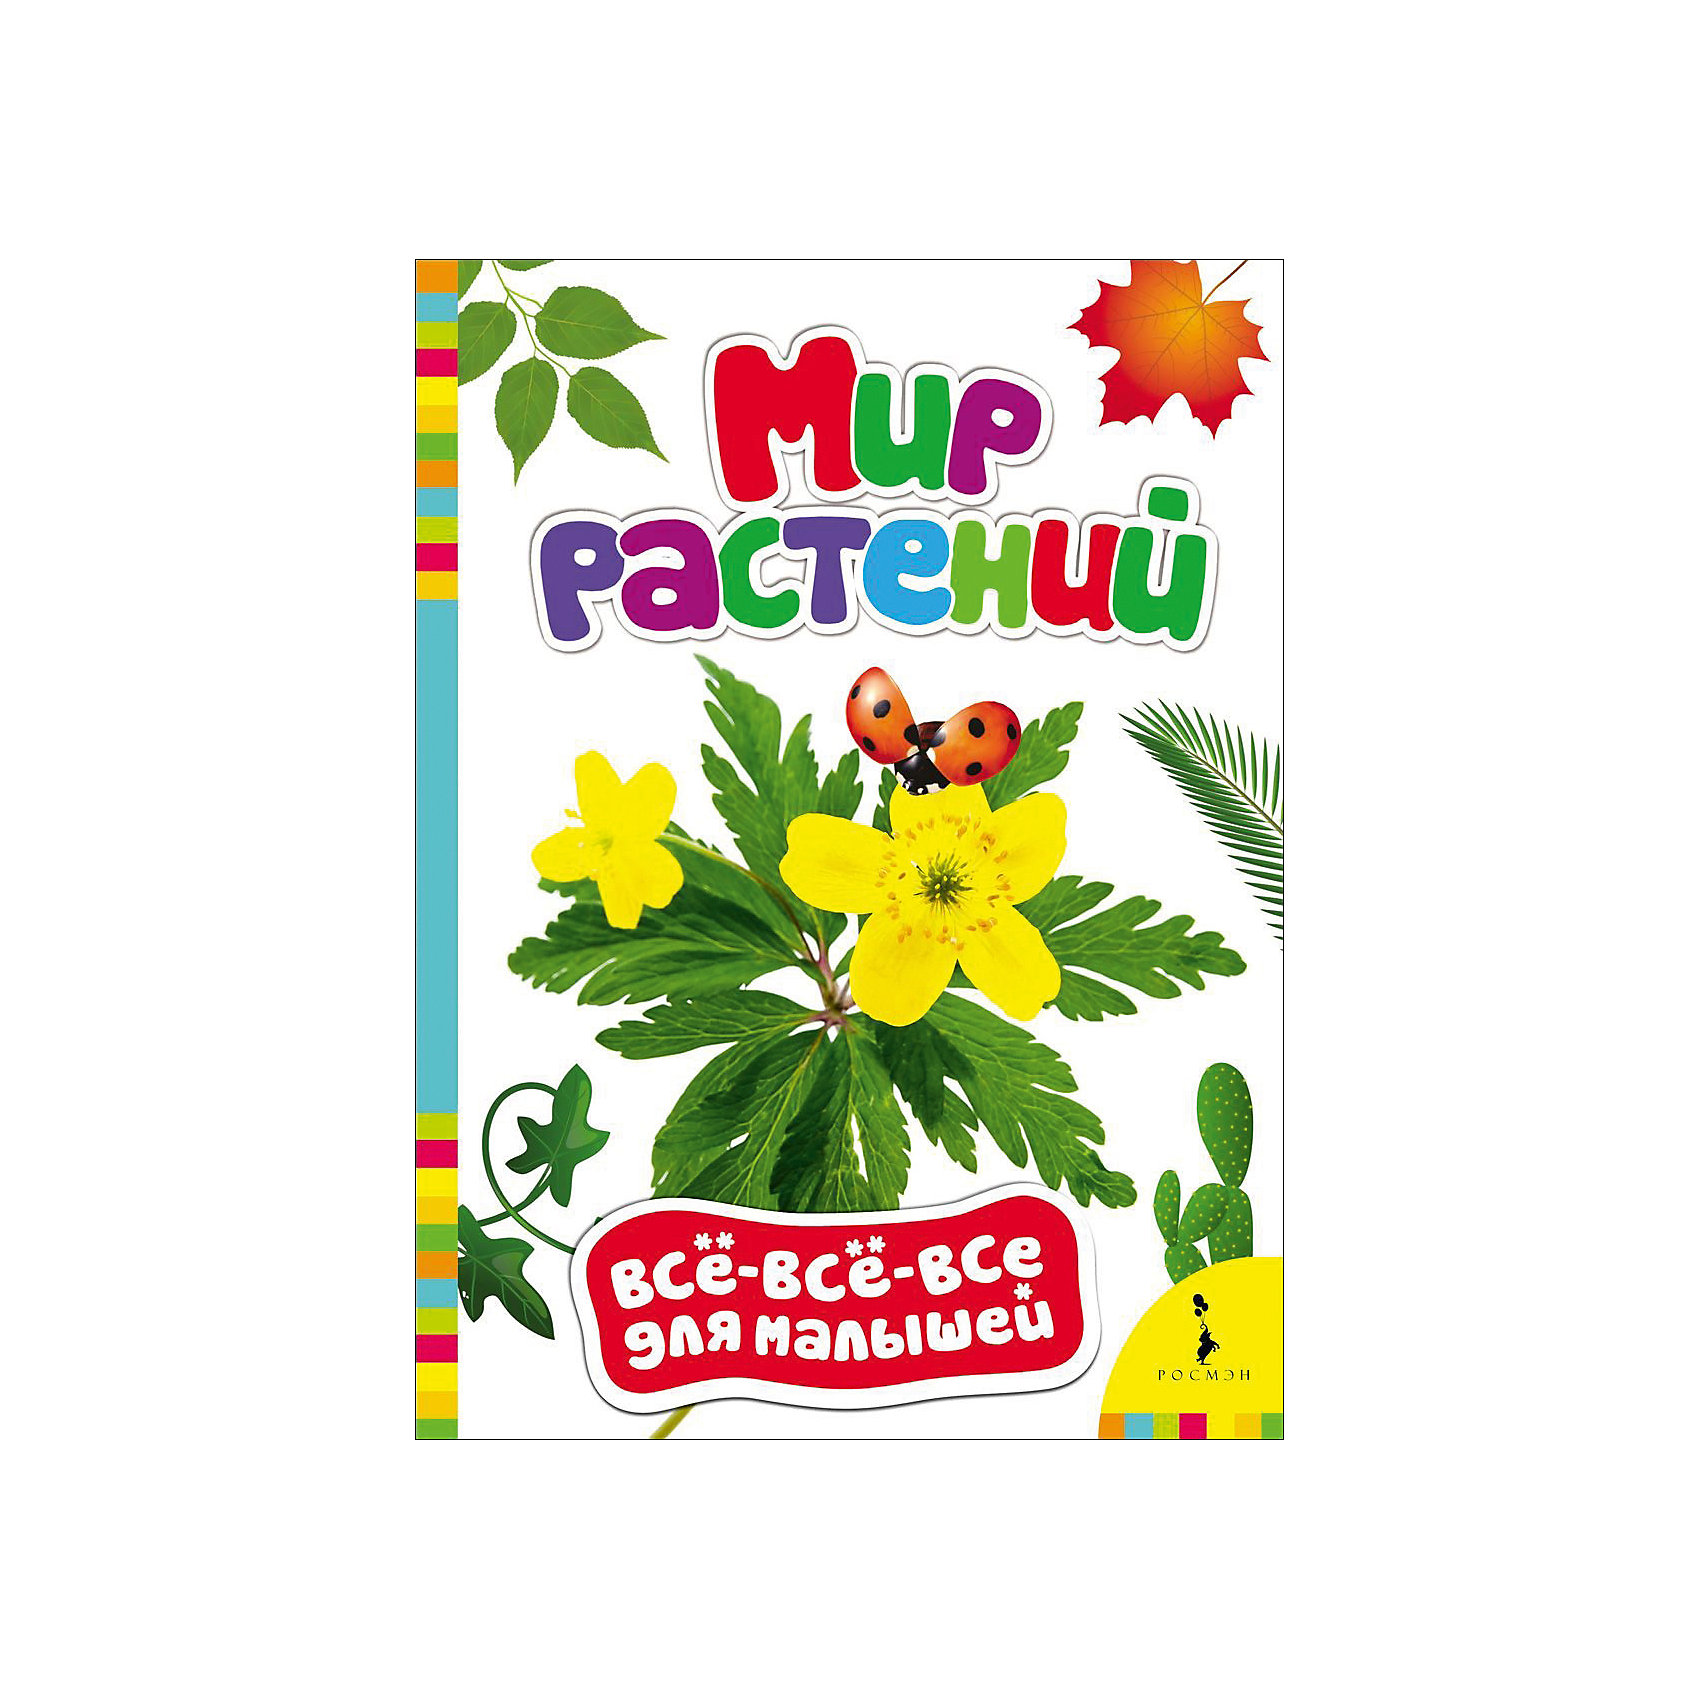 Мир растений, Все-все-все для малышейДетские энциклопедии<br>Характеристики товара:<br><br>- цвет: разноцветный;<br>- материал: бумага;<br>- страниц: 8;<br>- формат: 22 х 16 см;<br>- обложка: картон;<br>- цветные иллюстрации. <br><br>Эта полезная книга станет отличным подарком для родителей и ребенка. Она содержит в себе фотографии, а также интересные вопросы и задания, связанные с растениями. Отличный способ привить малышу любовь к занятиям и начать обучение!<br>Чтение и рассматривание картинок даже в юном возрасте помогает ребенку развивать память, концентрацию внимания и воображение. Издание произведено из качественных материалов, которые безопасны даже для самых маленьких.<br><br>Издание Мир растений, Все-все-все для малышей от компании Росмэн можно купить в нашем интернет-магазине.<br><br>Ширина мм: 220<br>Глубина мм: 160<br>Высота мм: 5<br>Вес г: 113<br>Возраст от месяцев: 0<br>Возраст до месяцев: 36<br>Пол: Унисекс<br>Возраст: Детский<br>SKU: 5110065